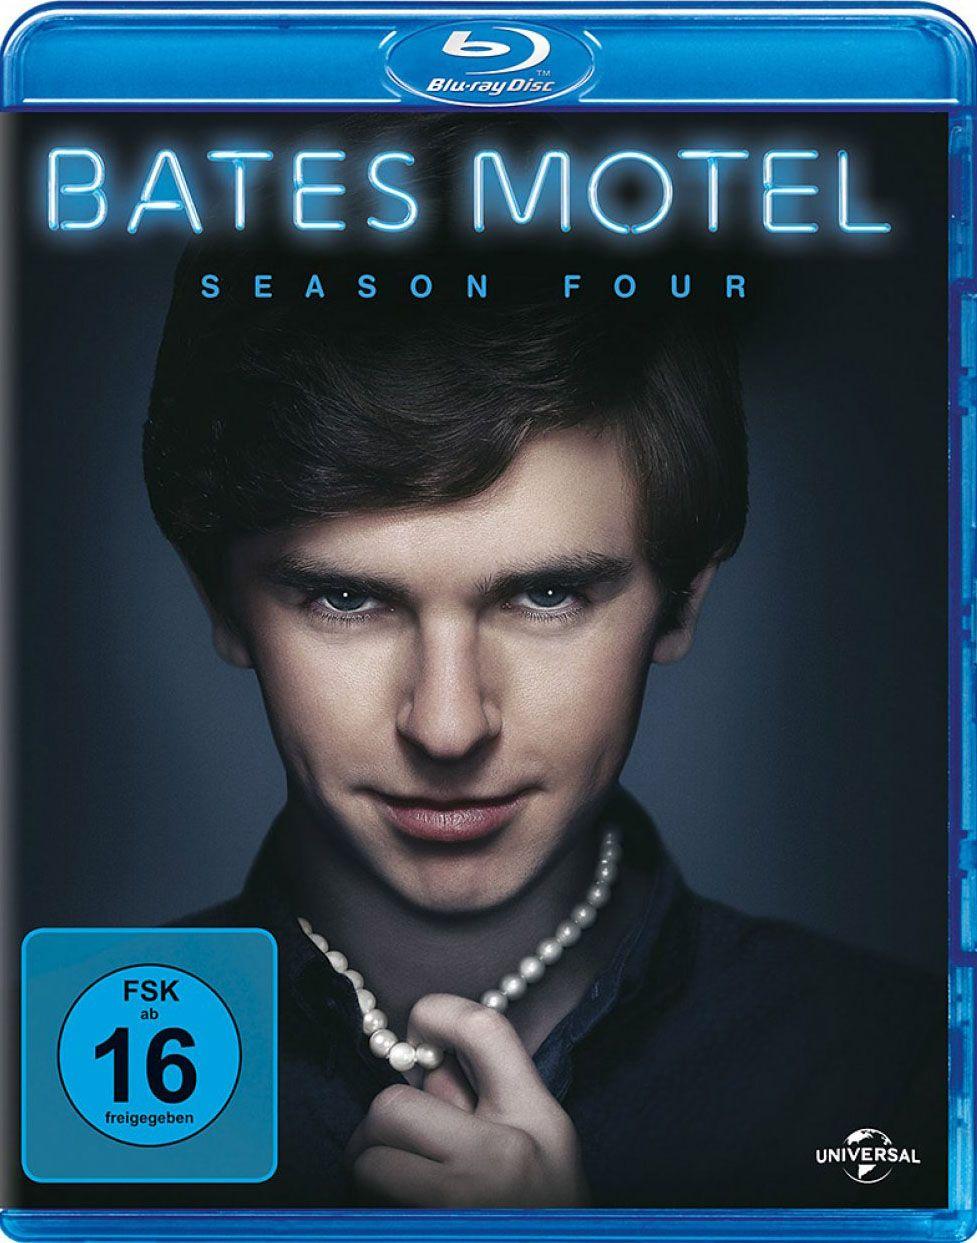 Bates Motel - Season 4 (2 Discs) (BLURAY)